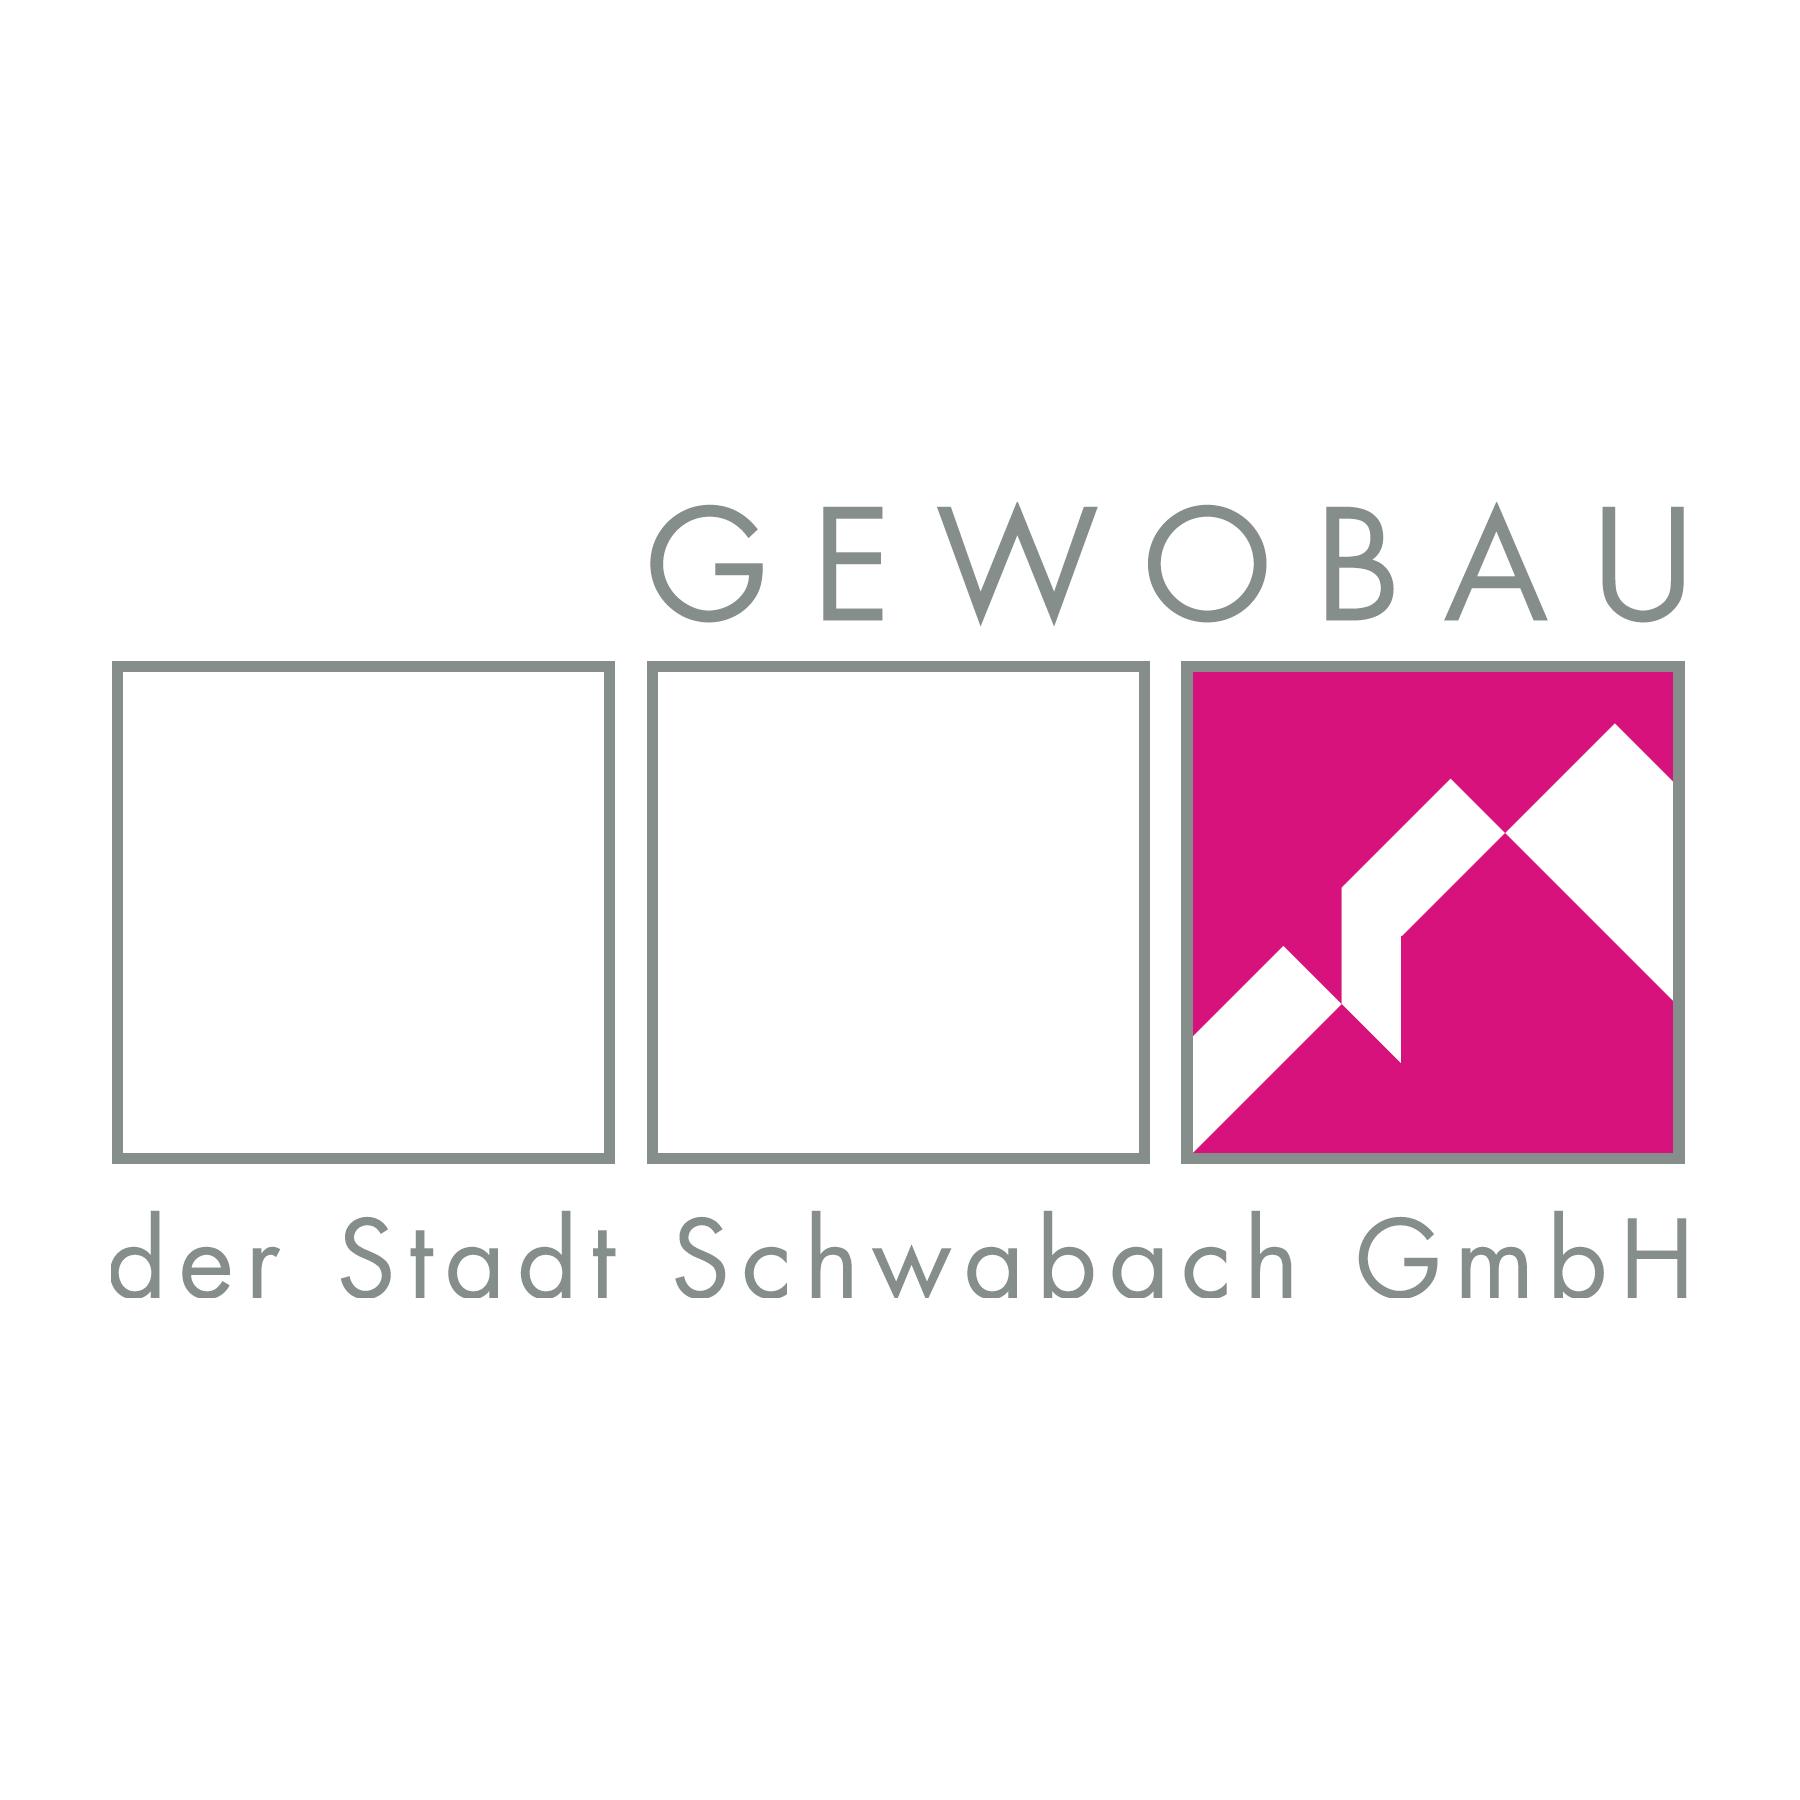 Gewobau der Stadt Schwabach GmbH